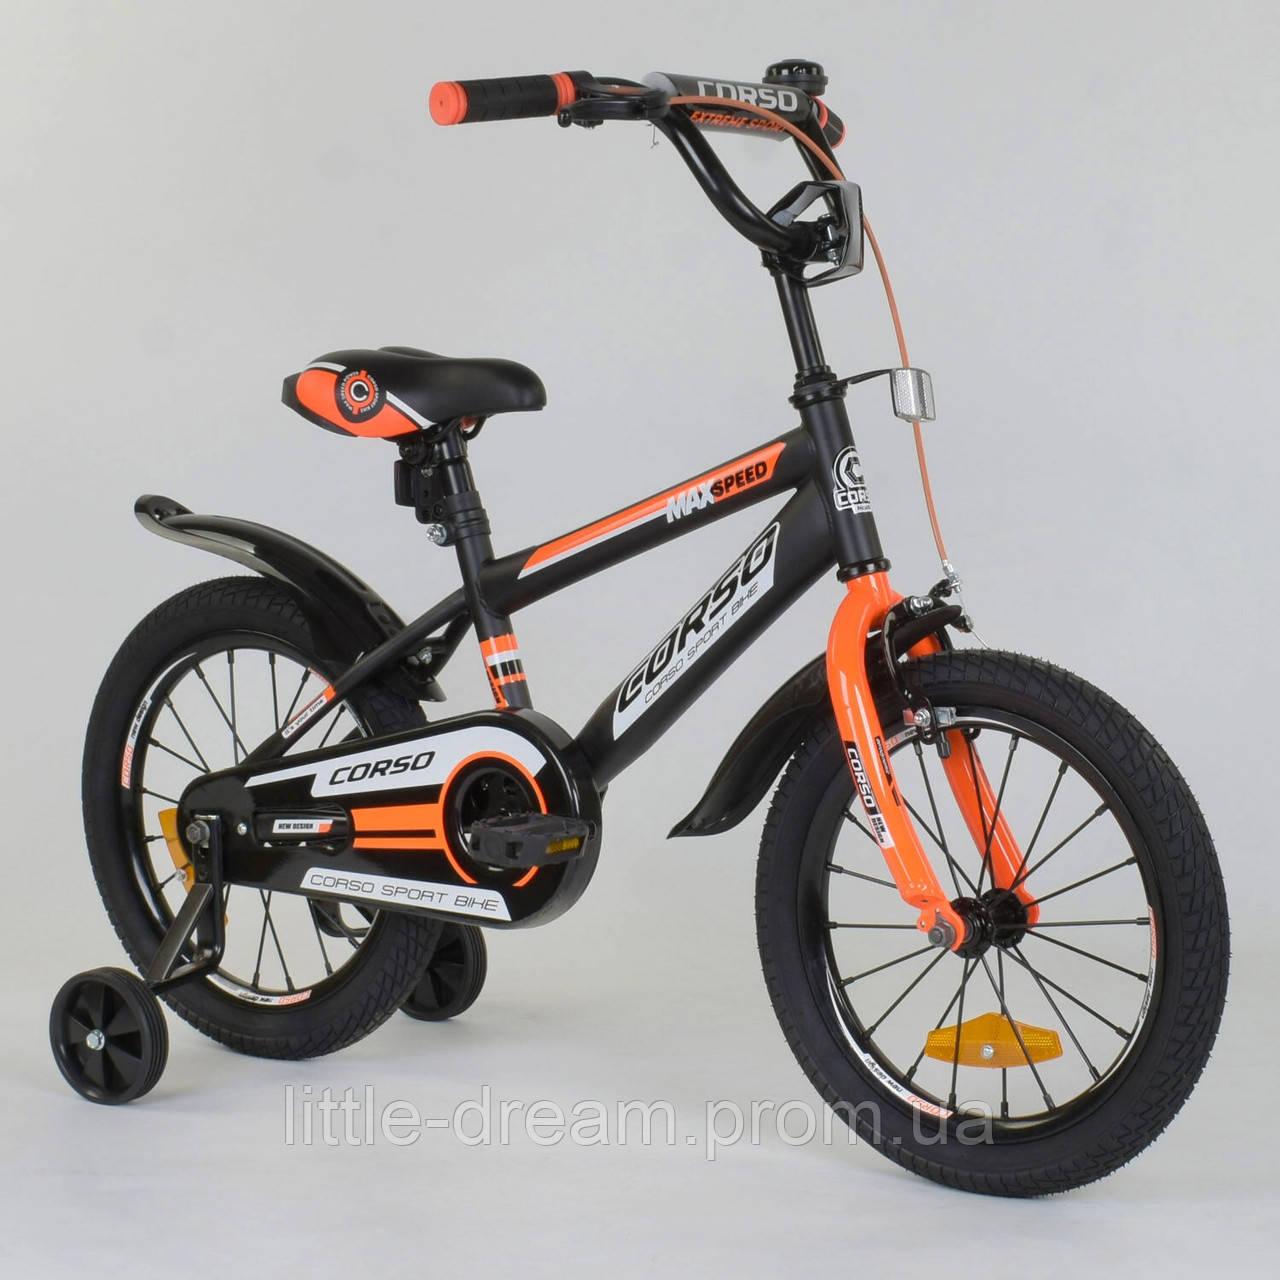 """Детский двухколесный велосипед 16"""" с ручным тормозом Corso ST-8022 Темно-серый с оранжевым, стальная рама"""